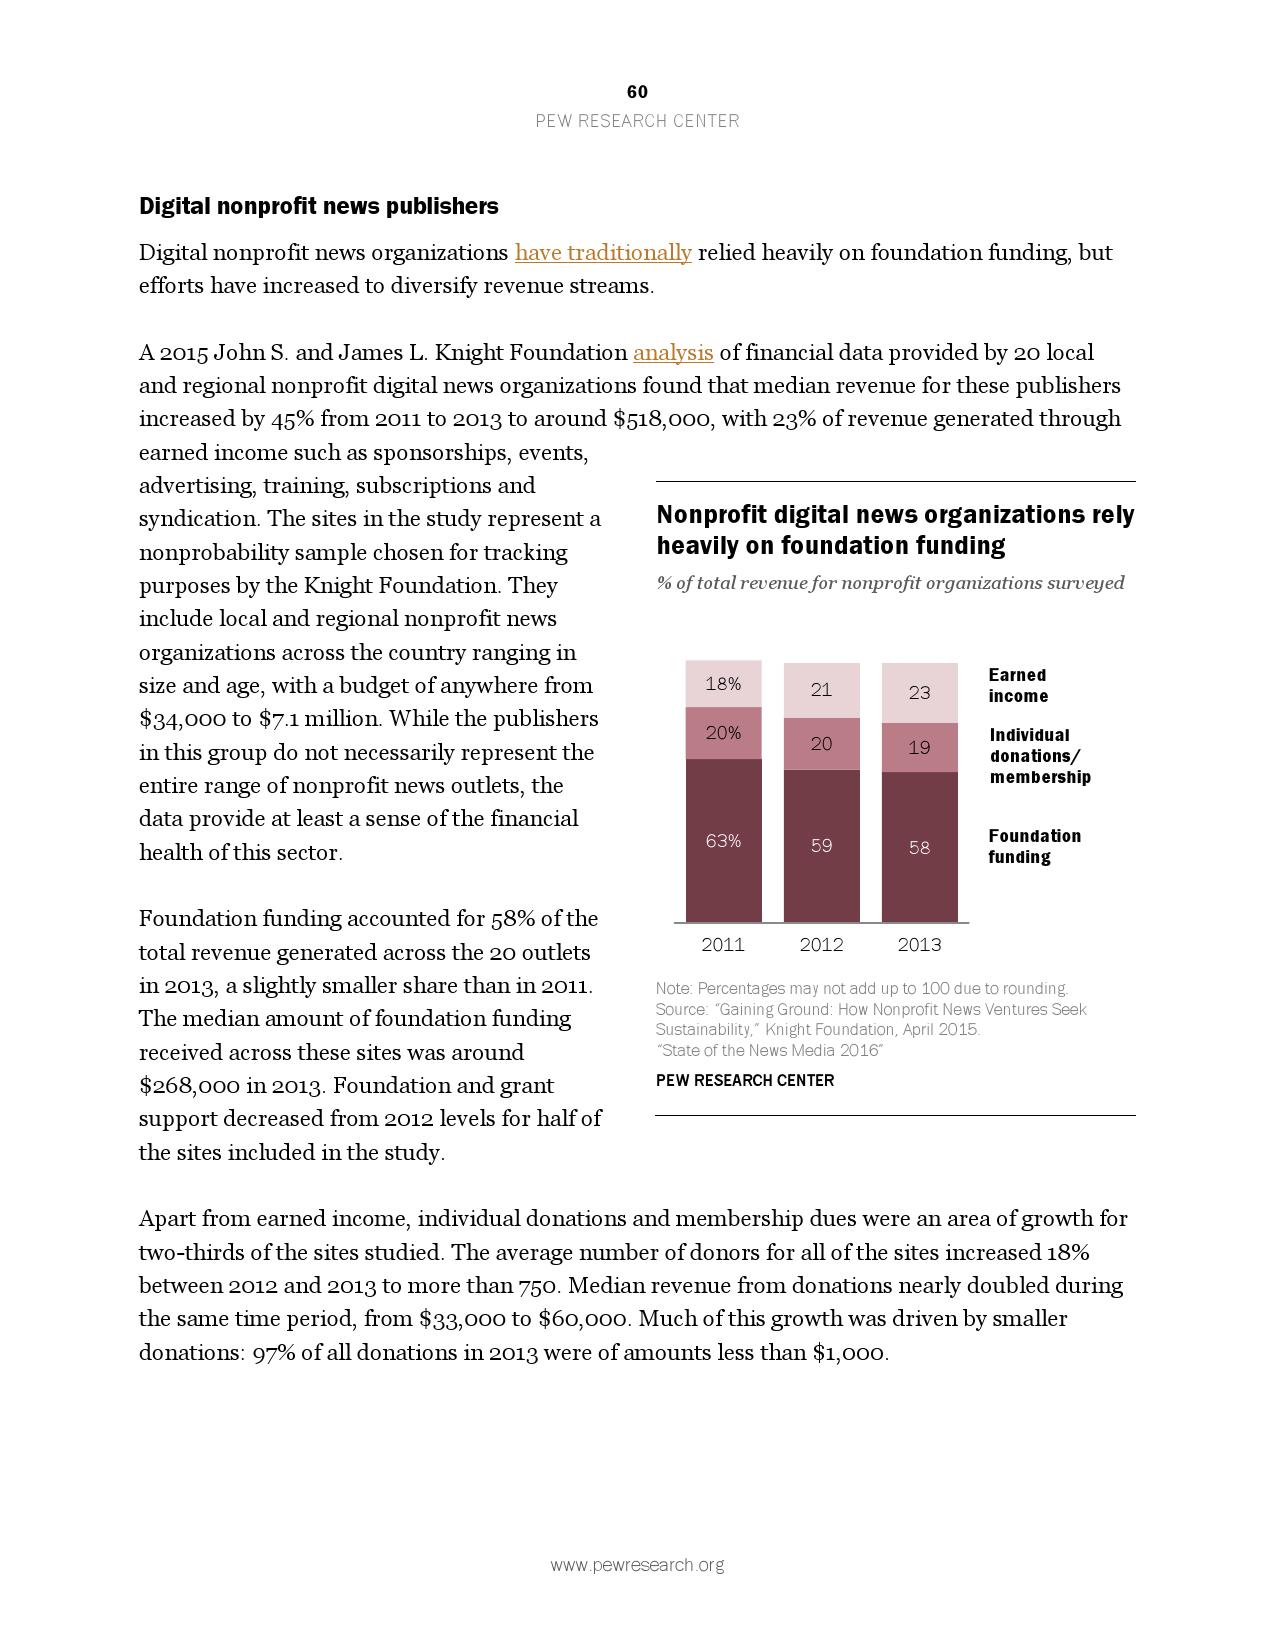 2016美国新媒体研究报告_000060